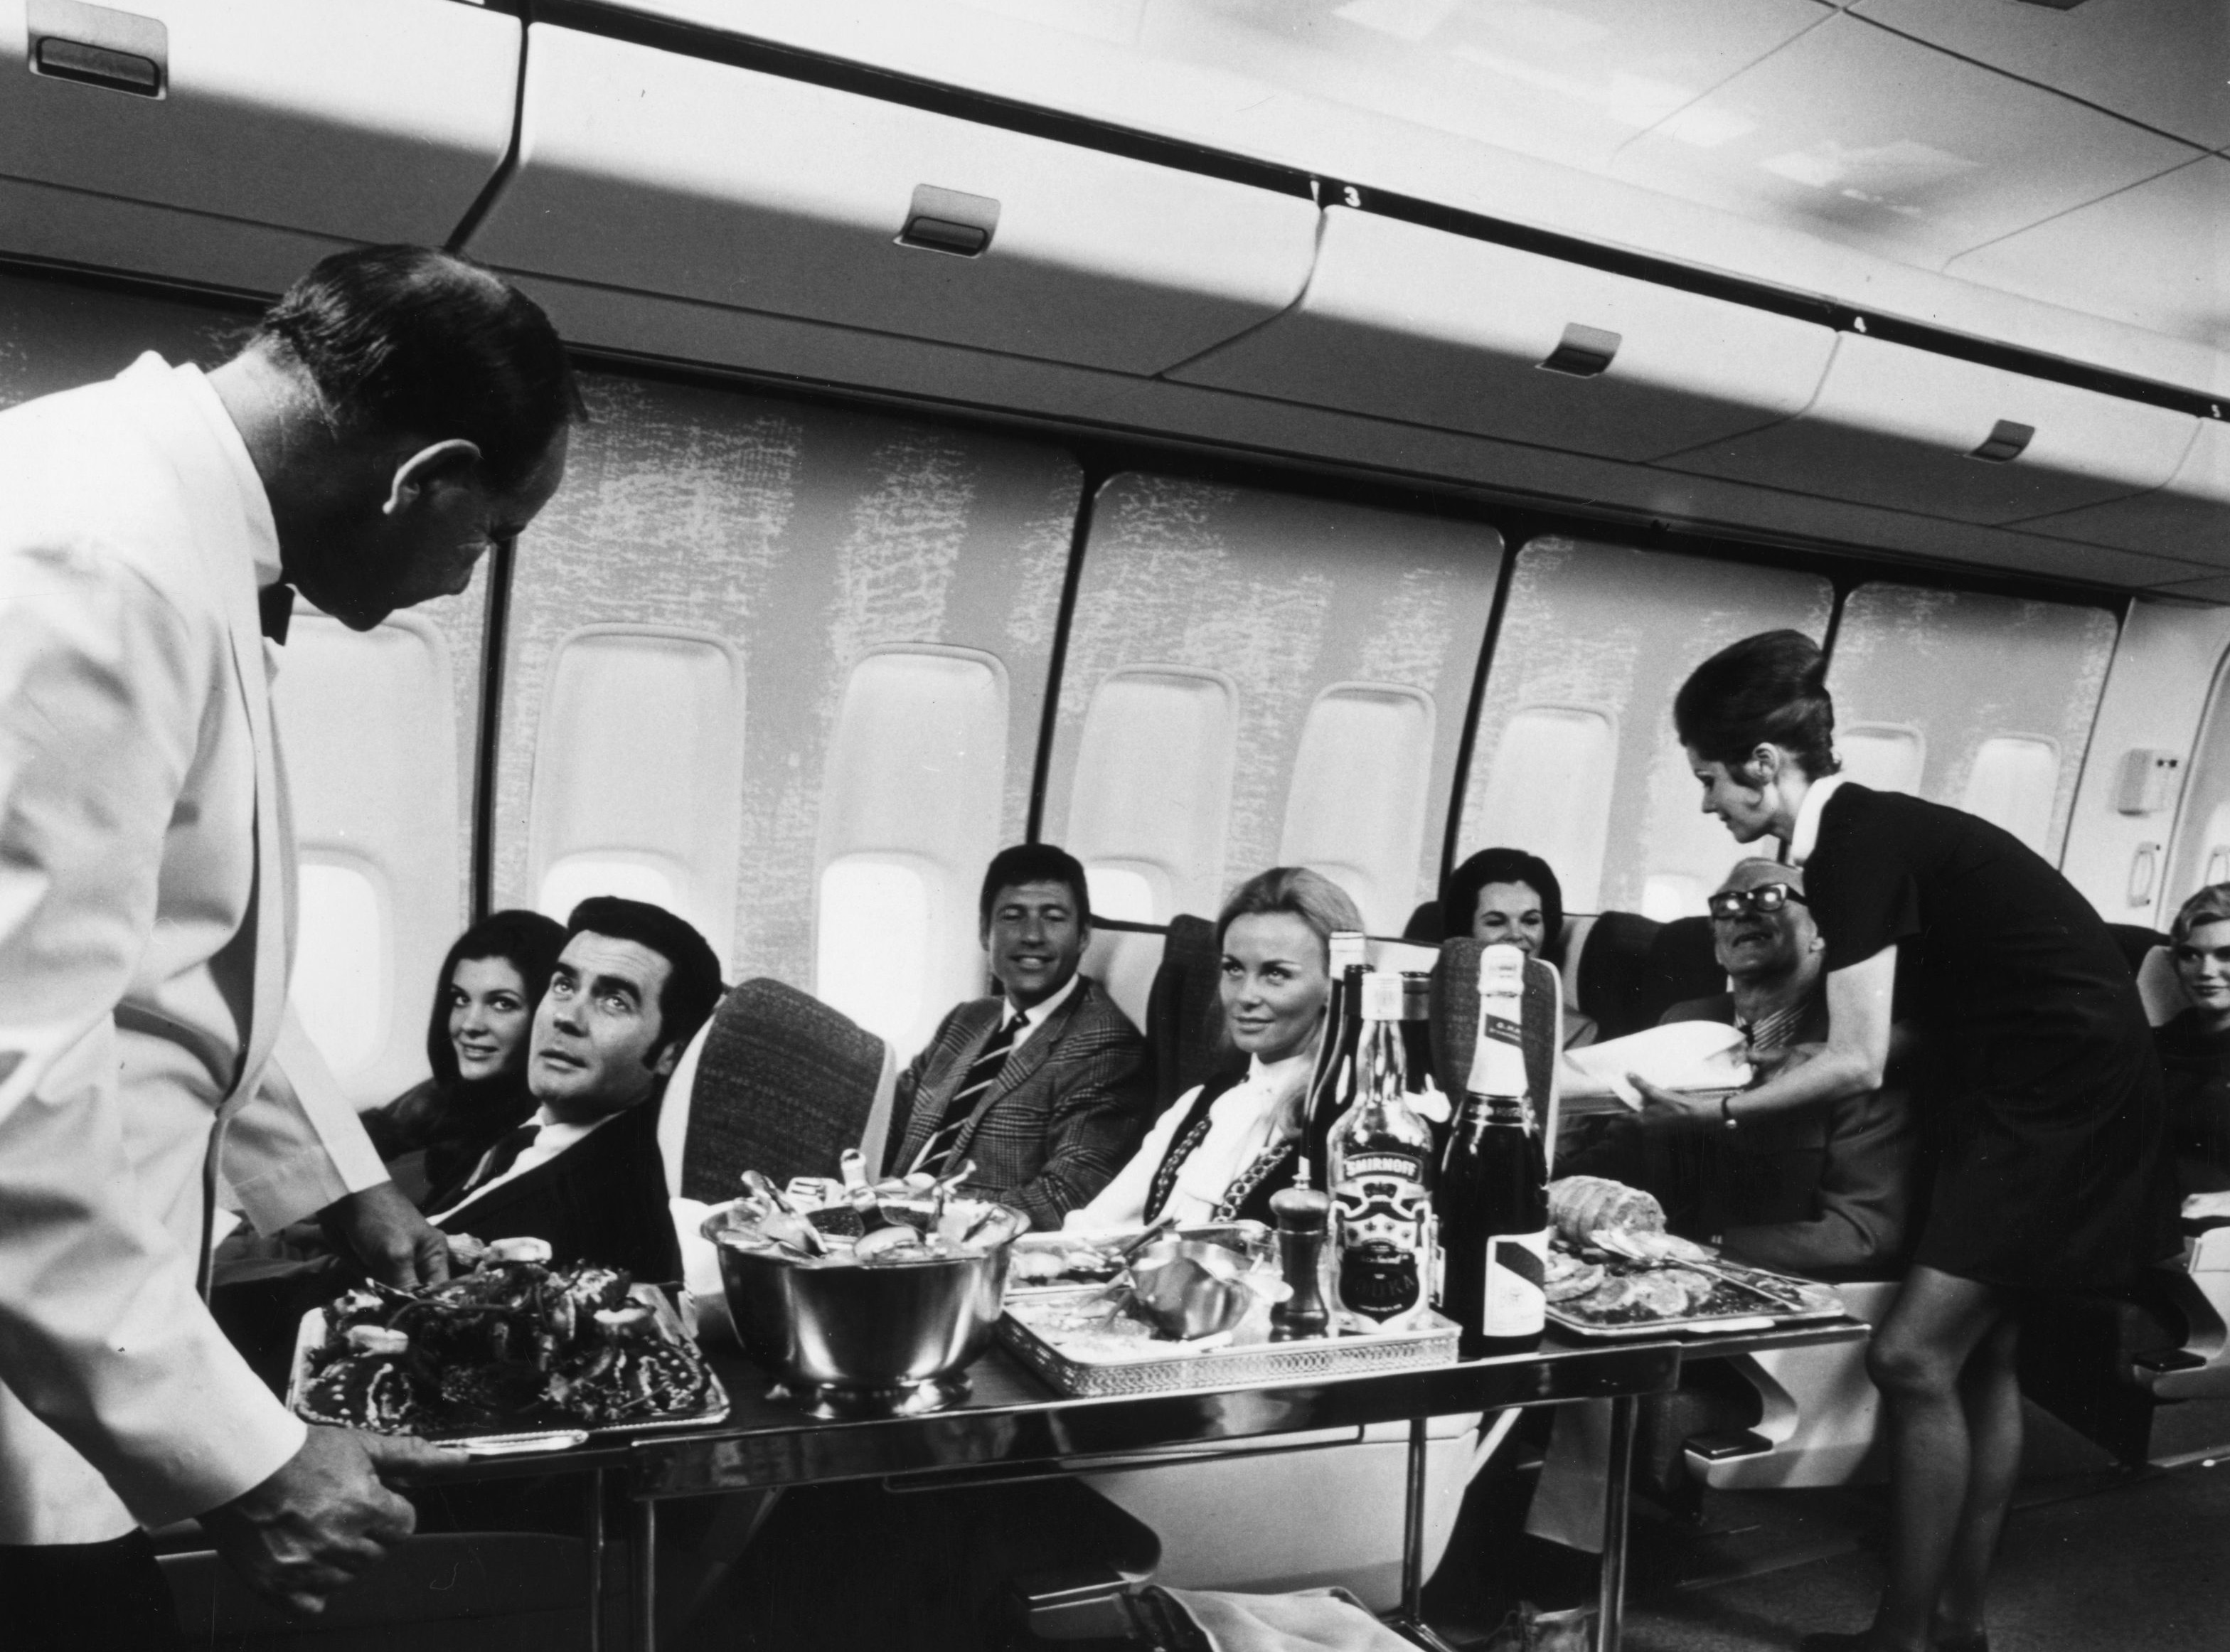 first class passengers